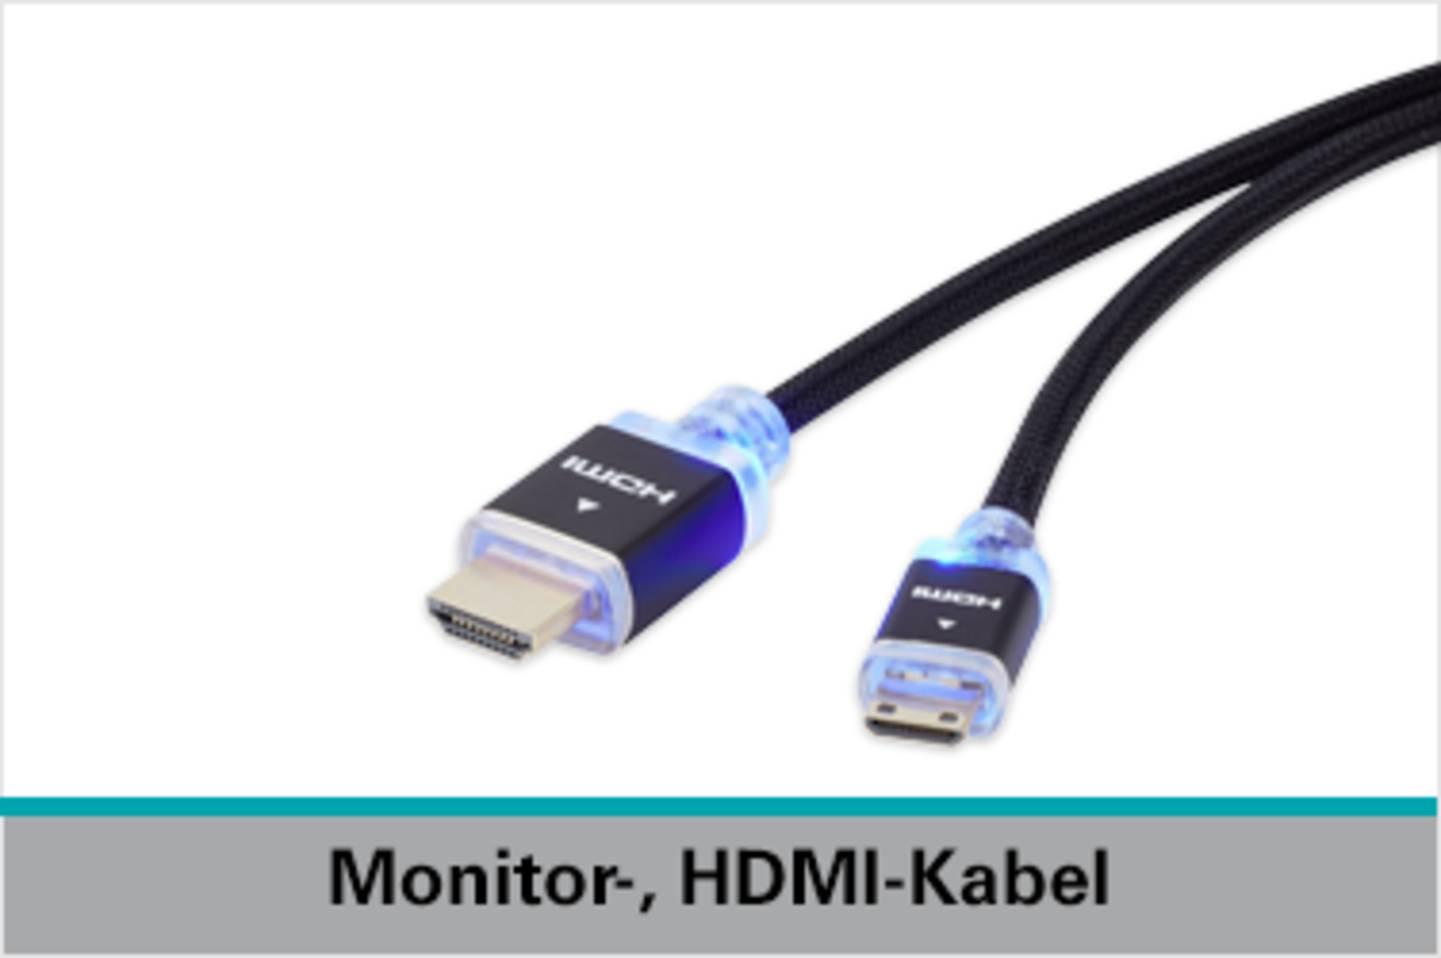 Speaka Professional Monitor-, HDMI-Kabel